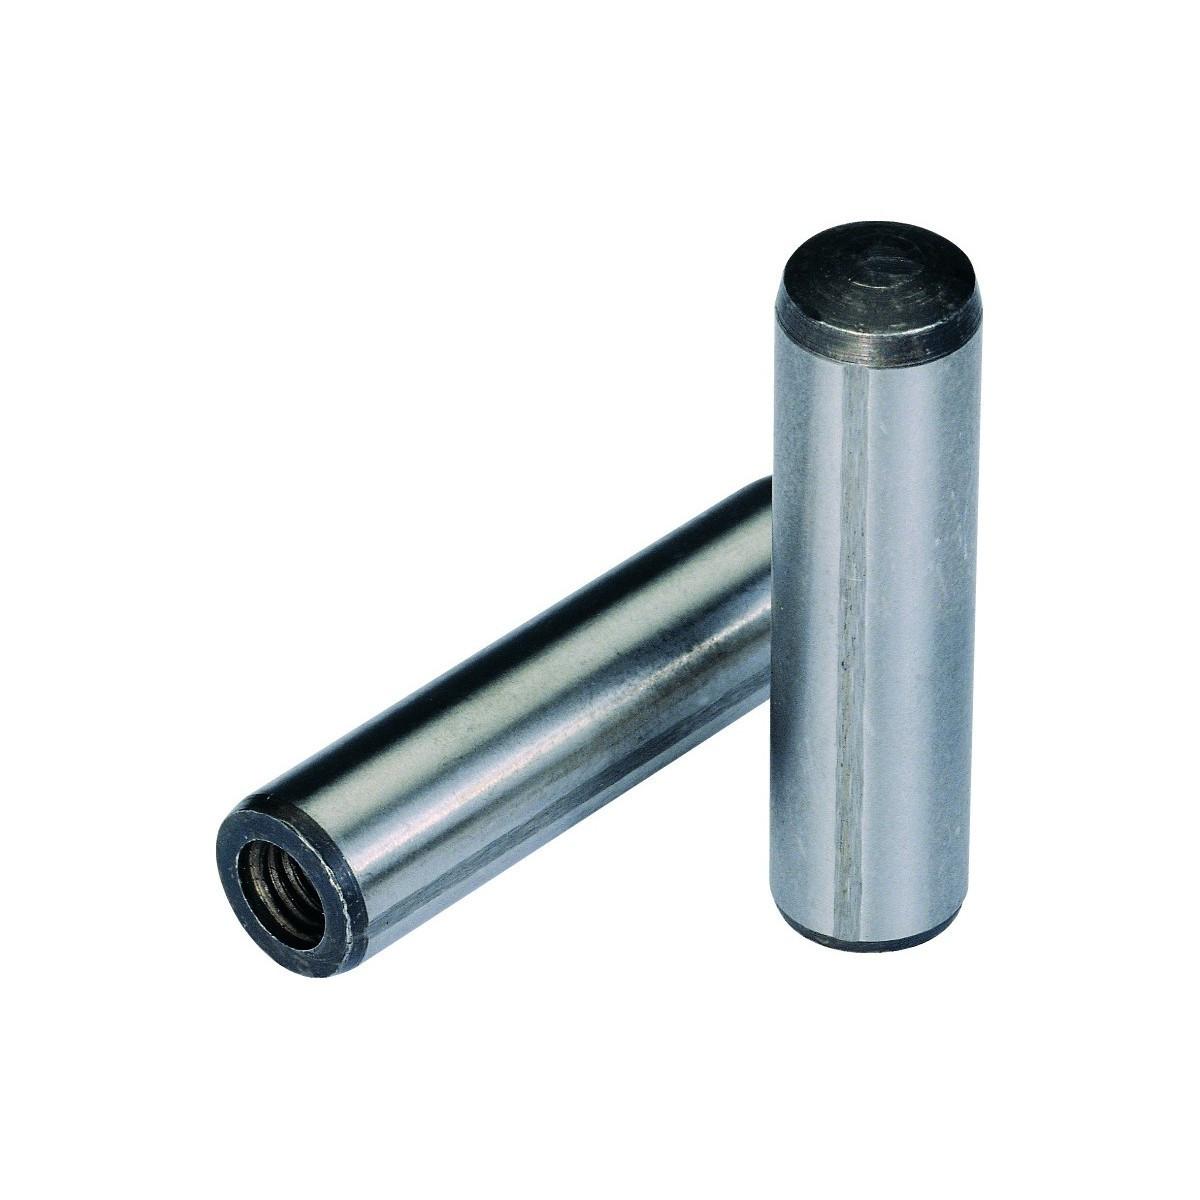 Штифт циліндричний MMG DIN 7979D M10 х 50 Клас 10.9 (Фосфат) 1 шт